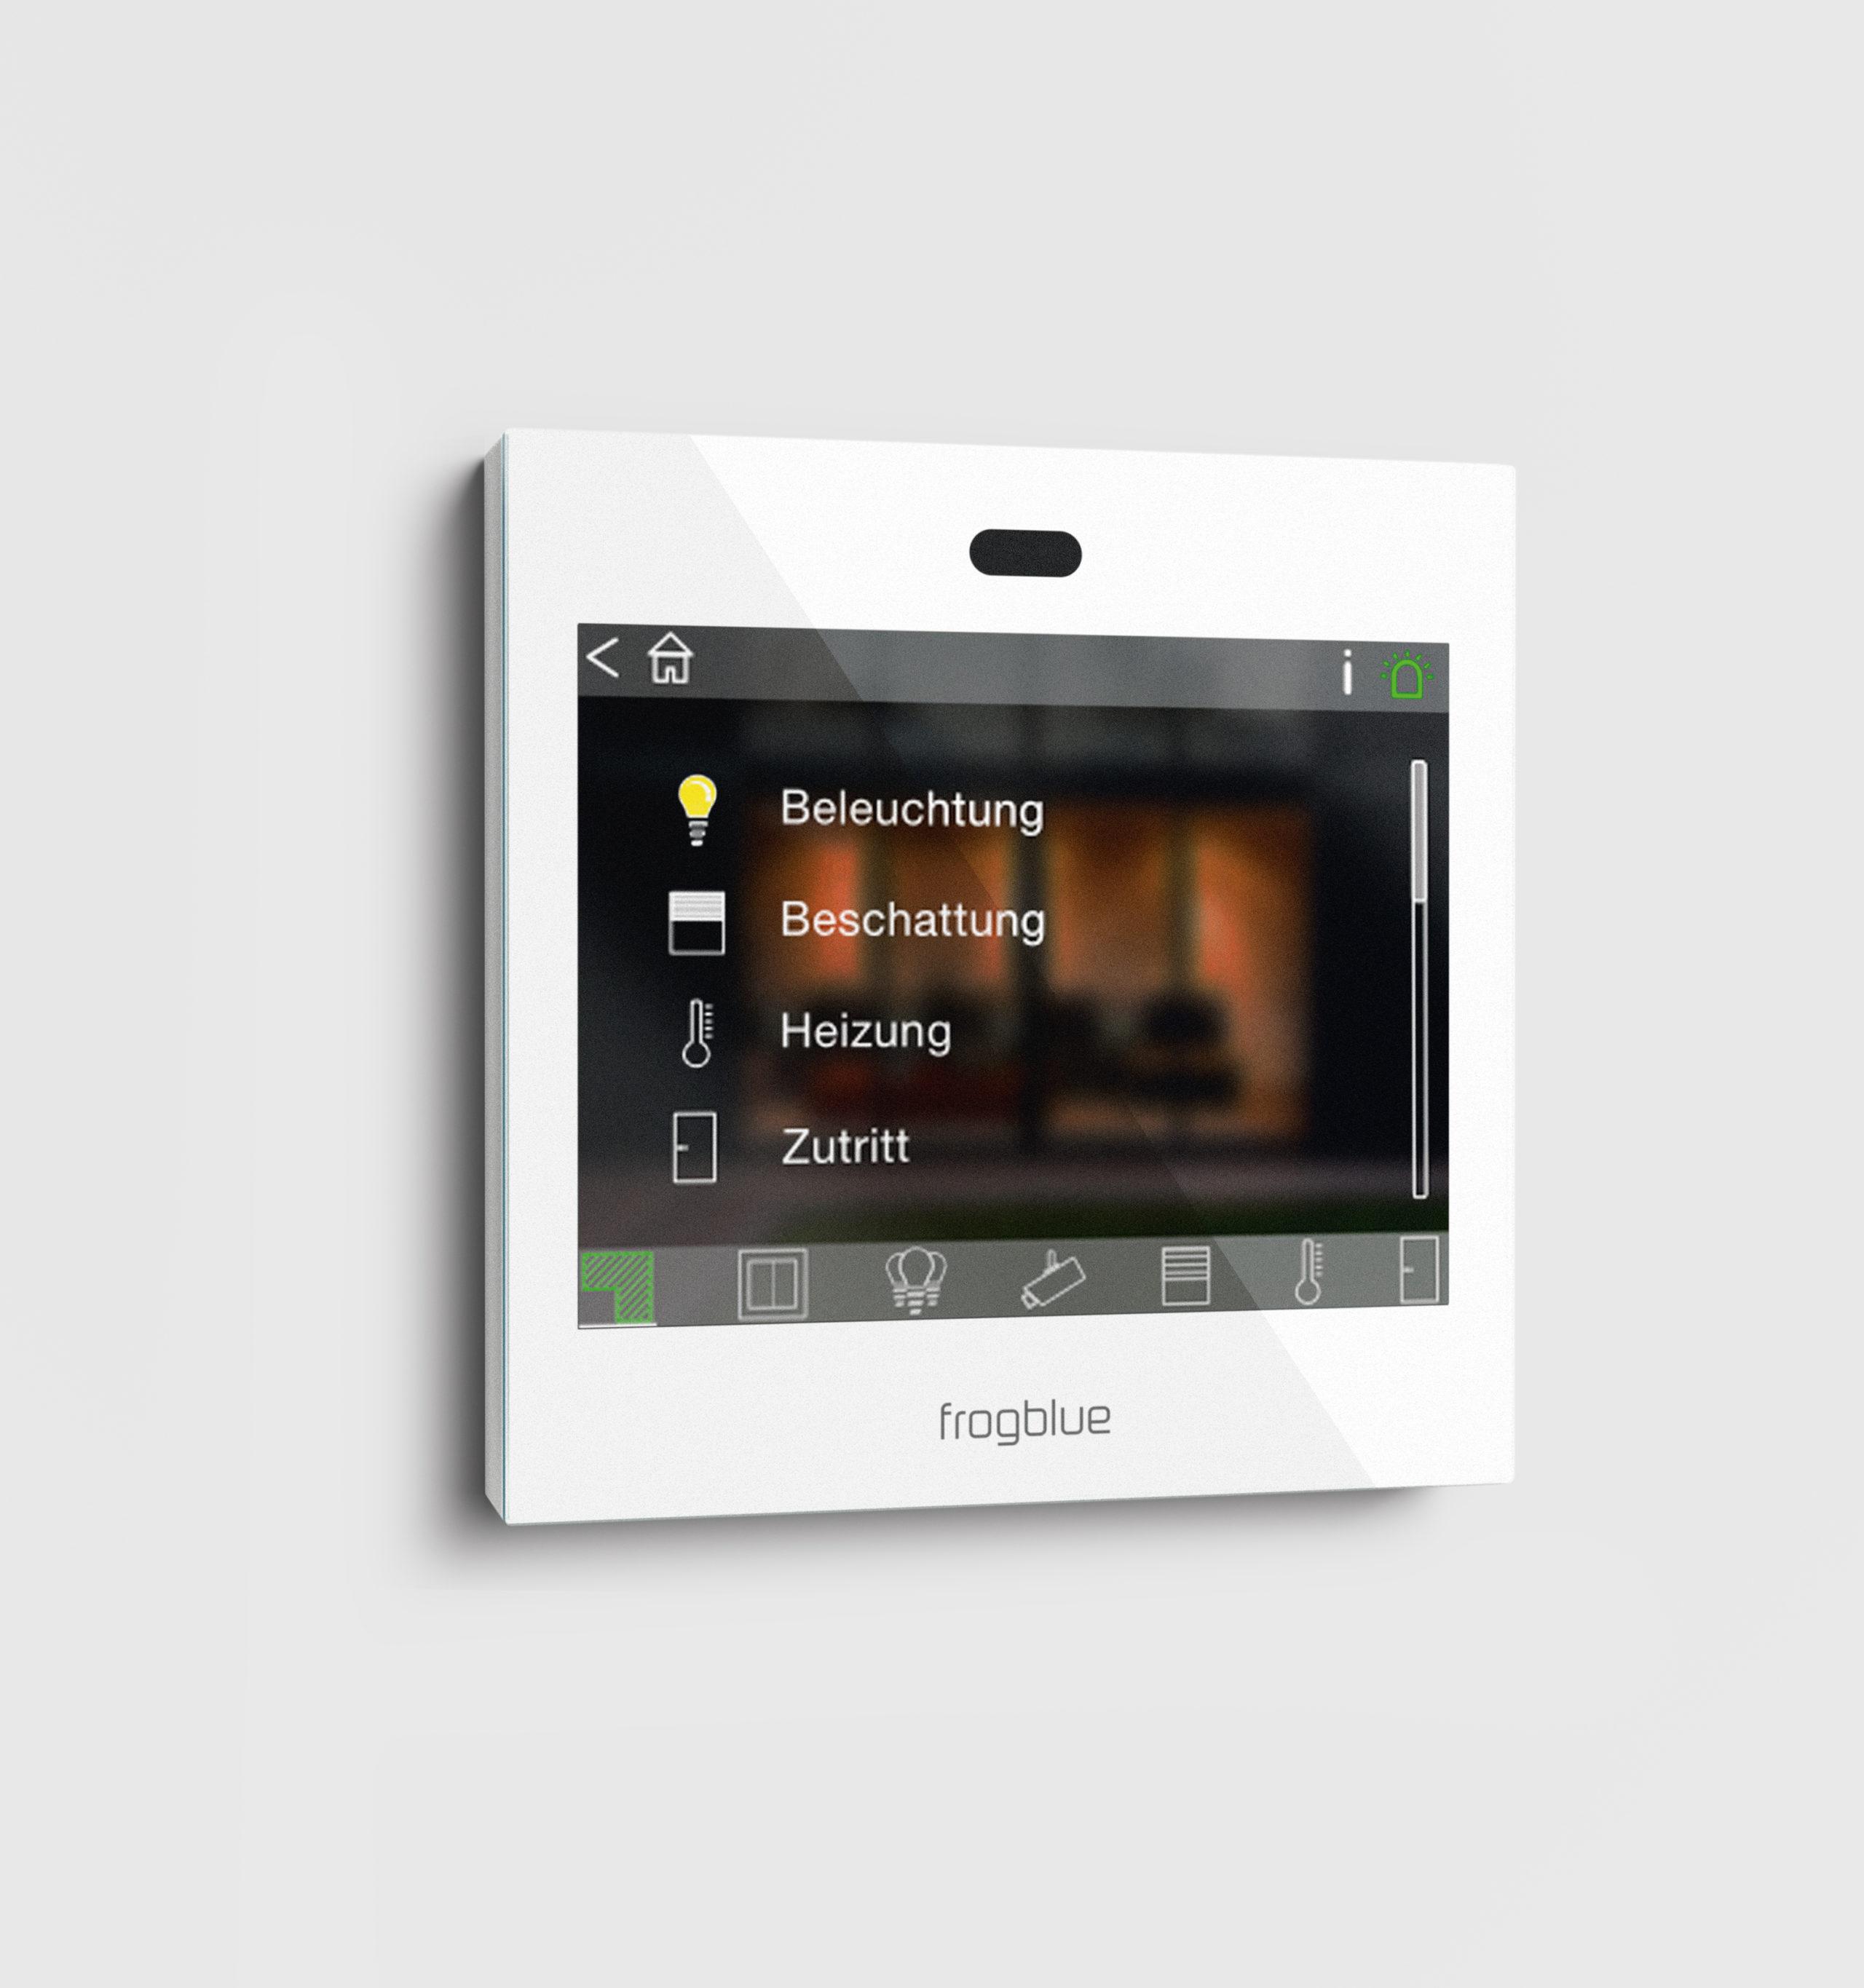 """cubes heißen die """"oberirdischen"""" Komponenten wie hier das Videomodul, mit dem sich das Smart Home bequem bedienen lässt"""